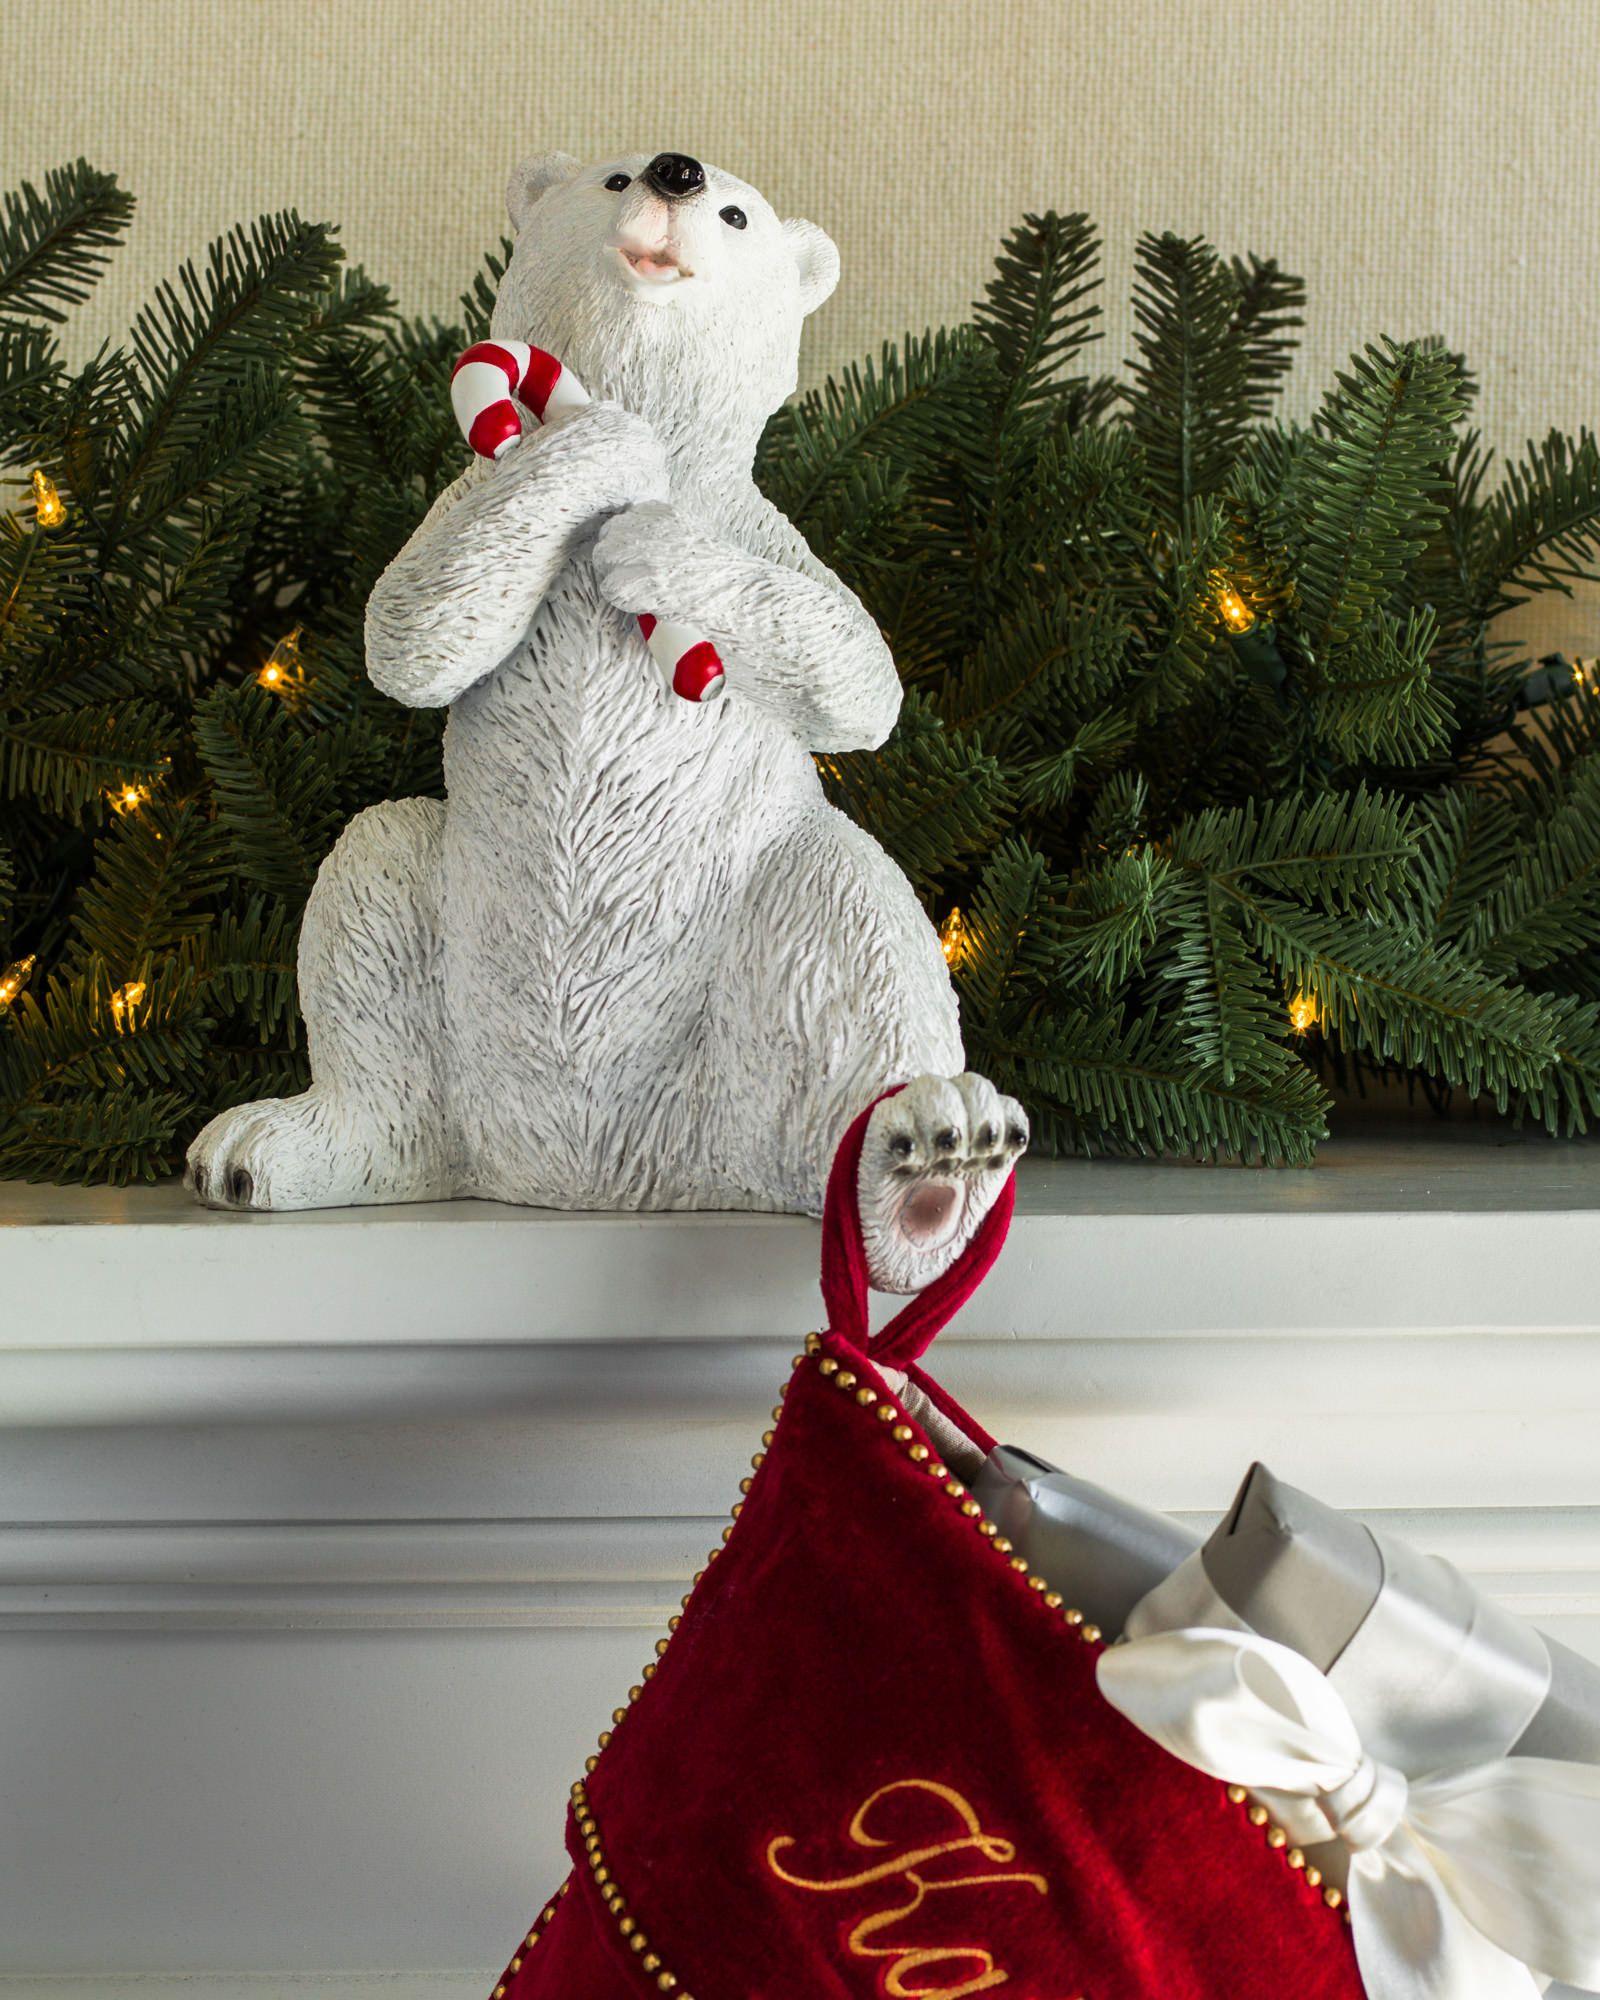 Polar Bear Family Stocking Holder | Balsam Hill